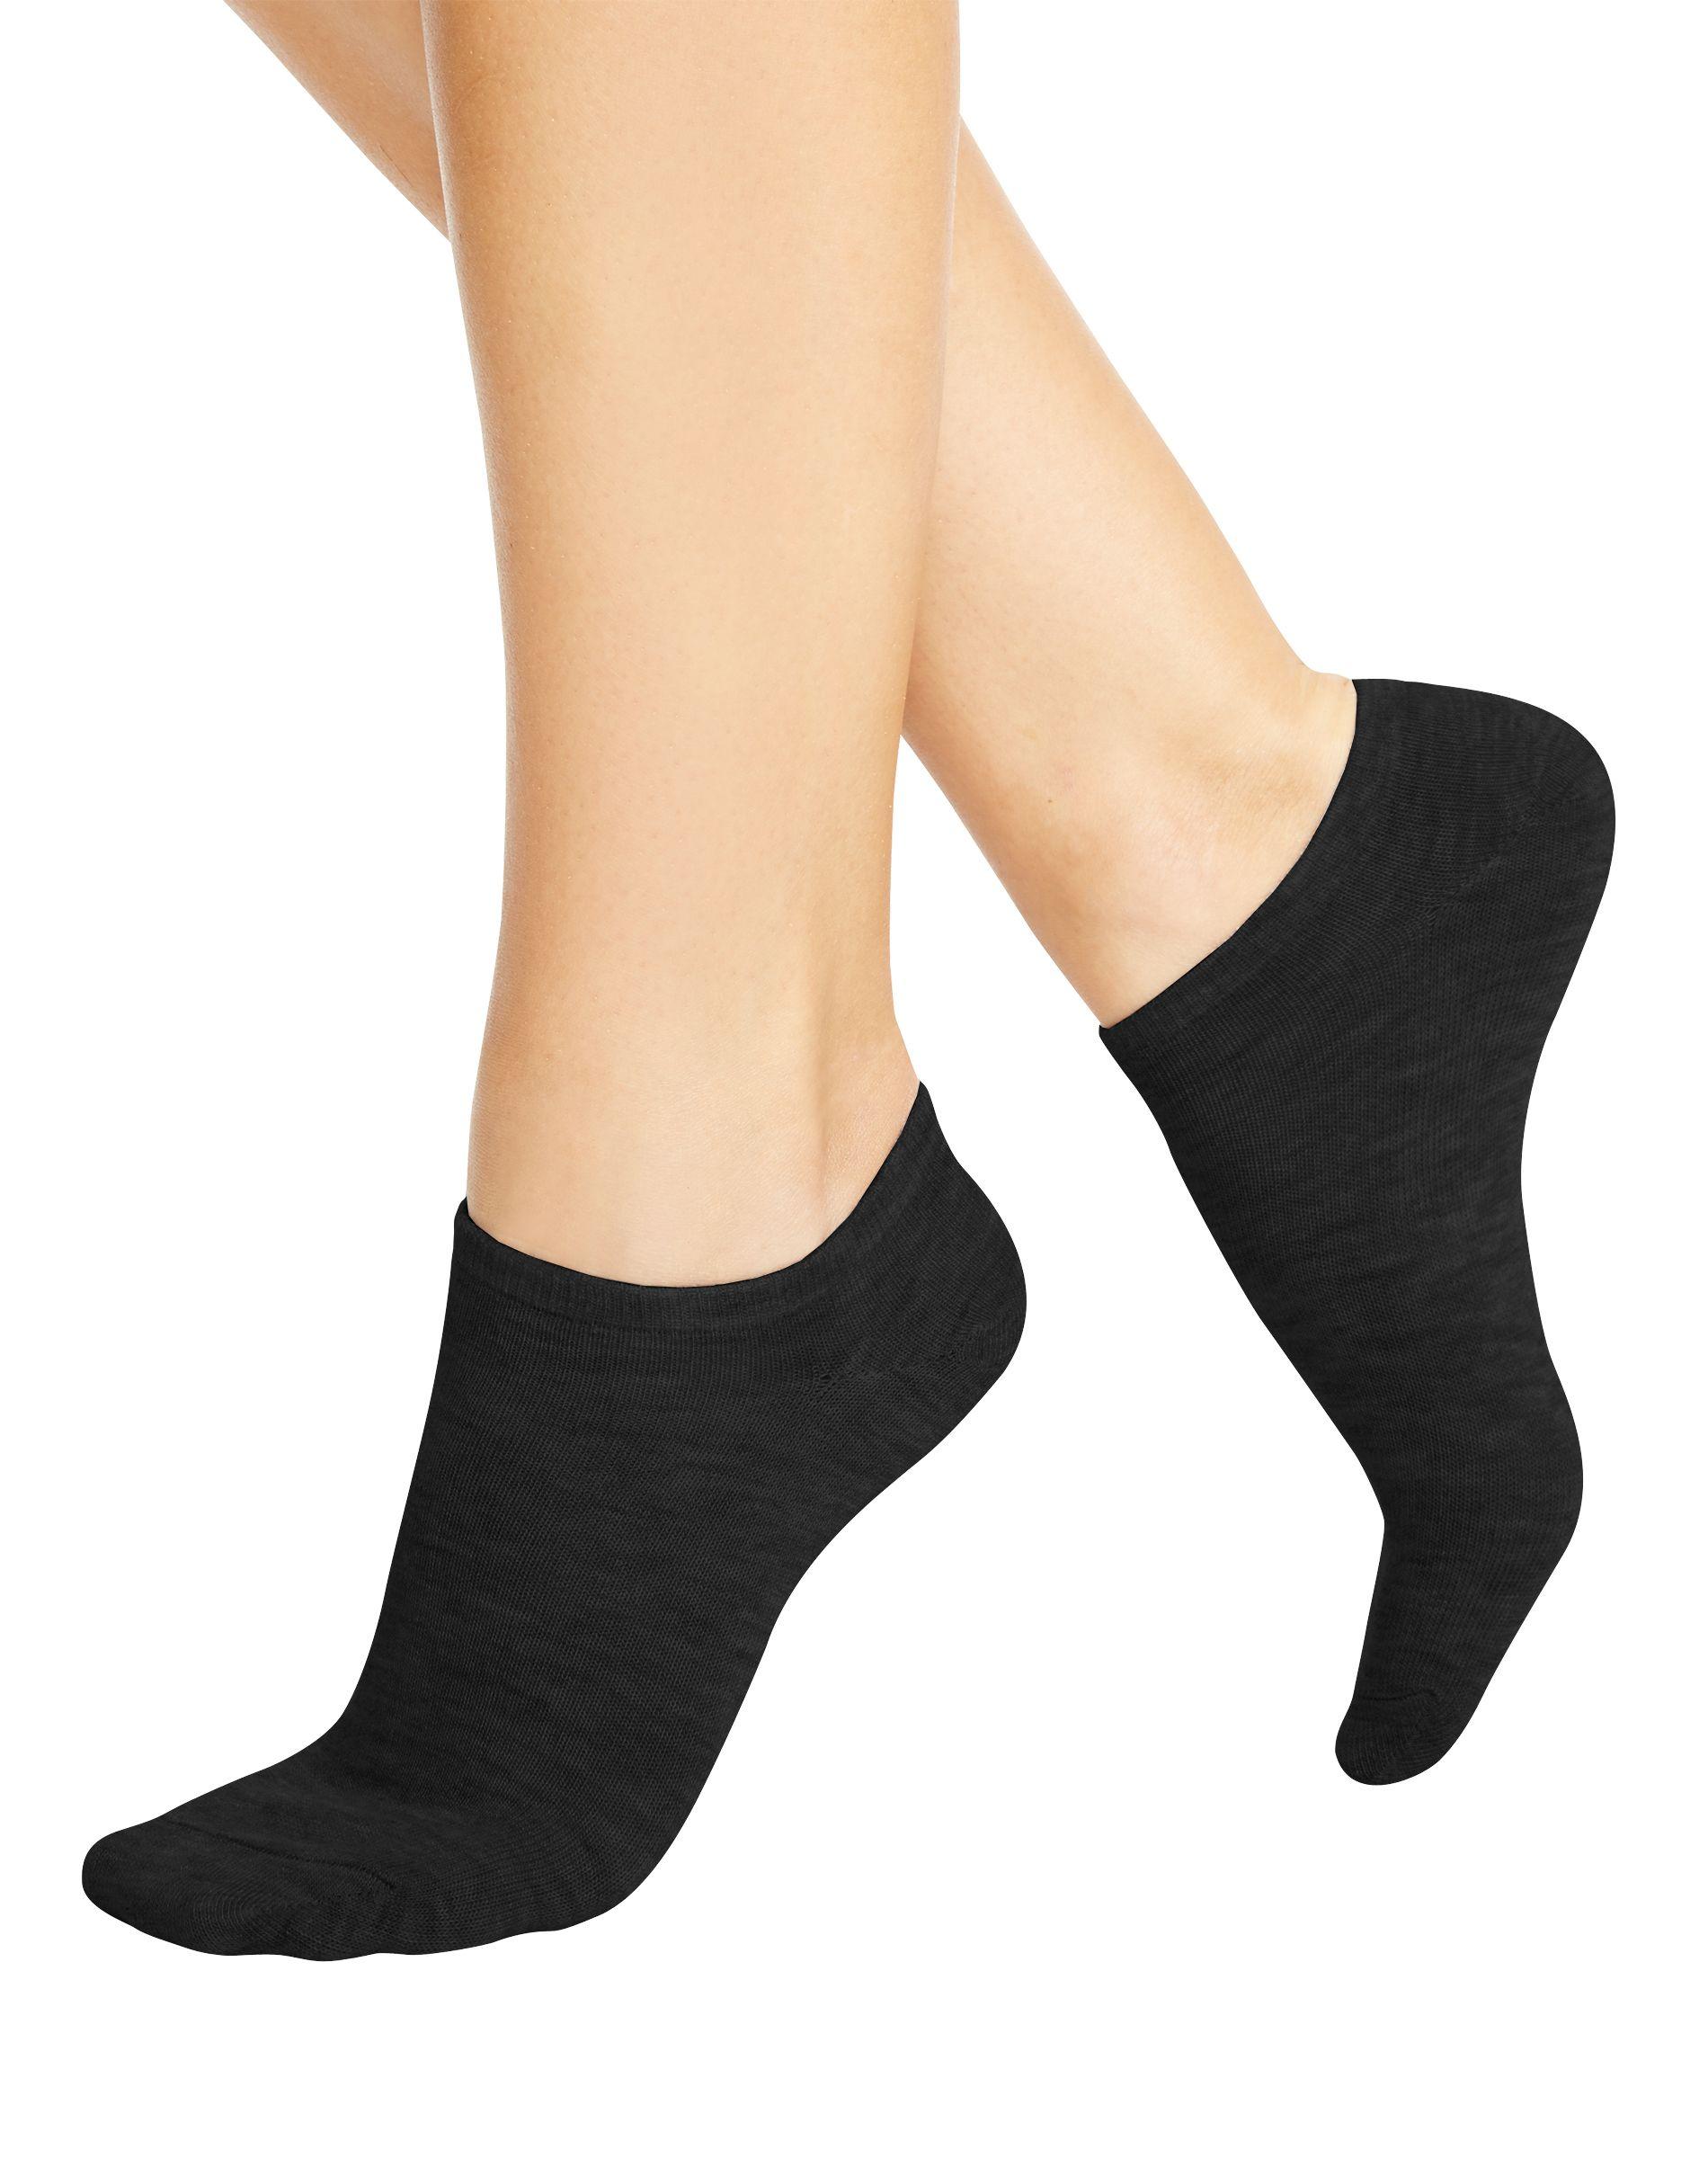 hanes women's cool comfort no show socks 10-pack women Hanes